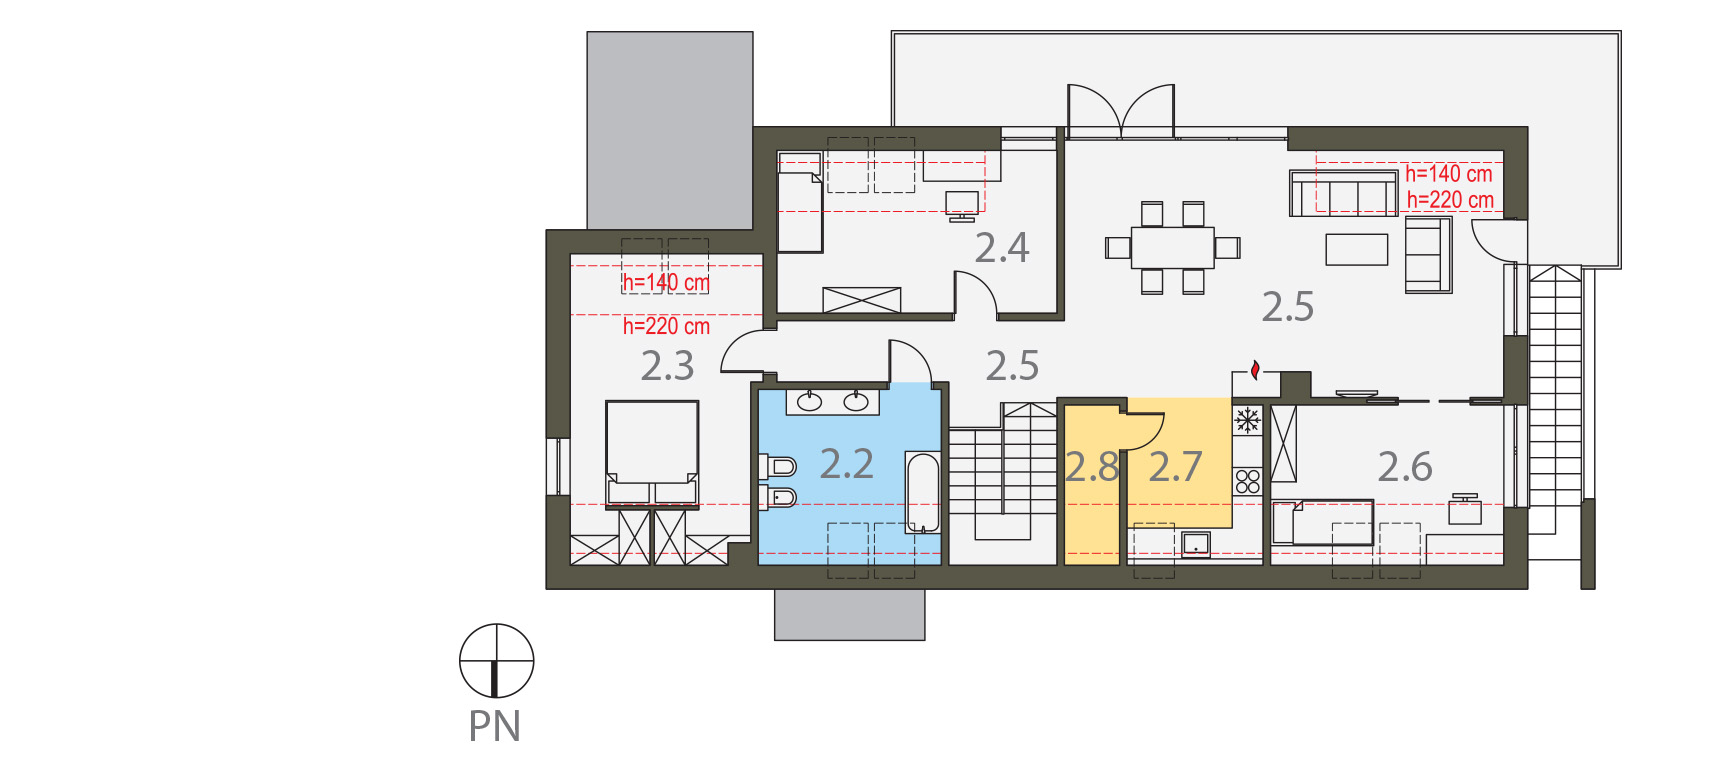 Projekt domu Z USŁUGĄ Domy Czystej Energii rzut piętra